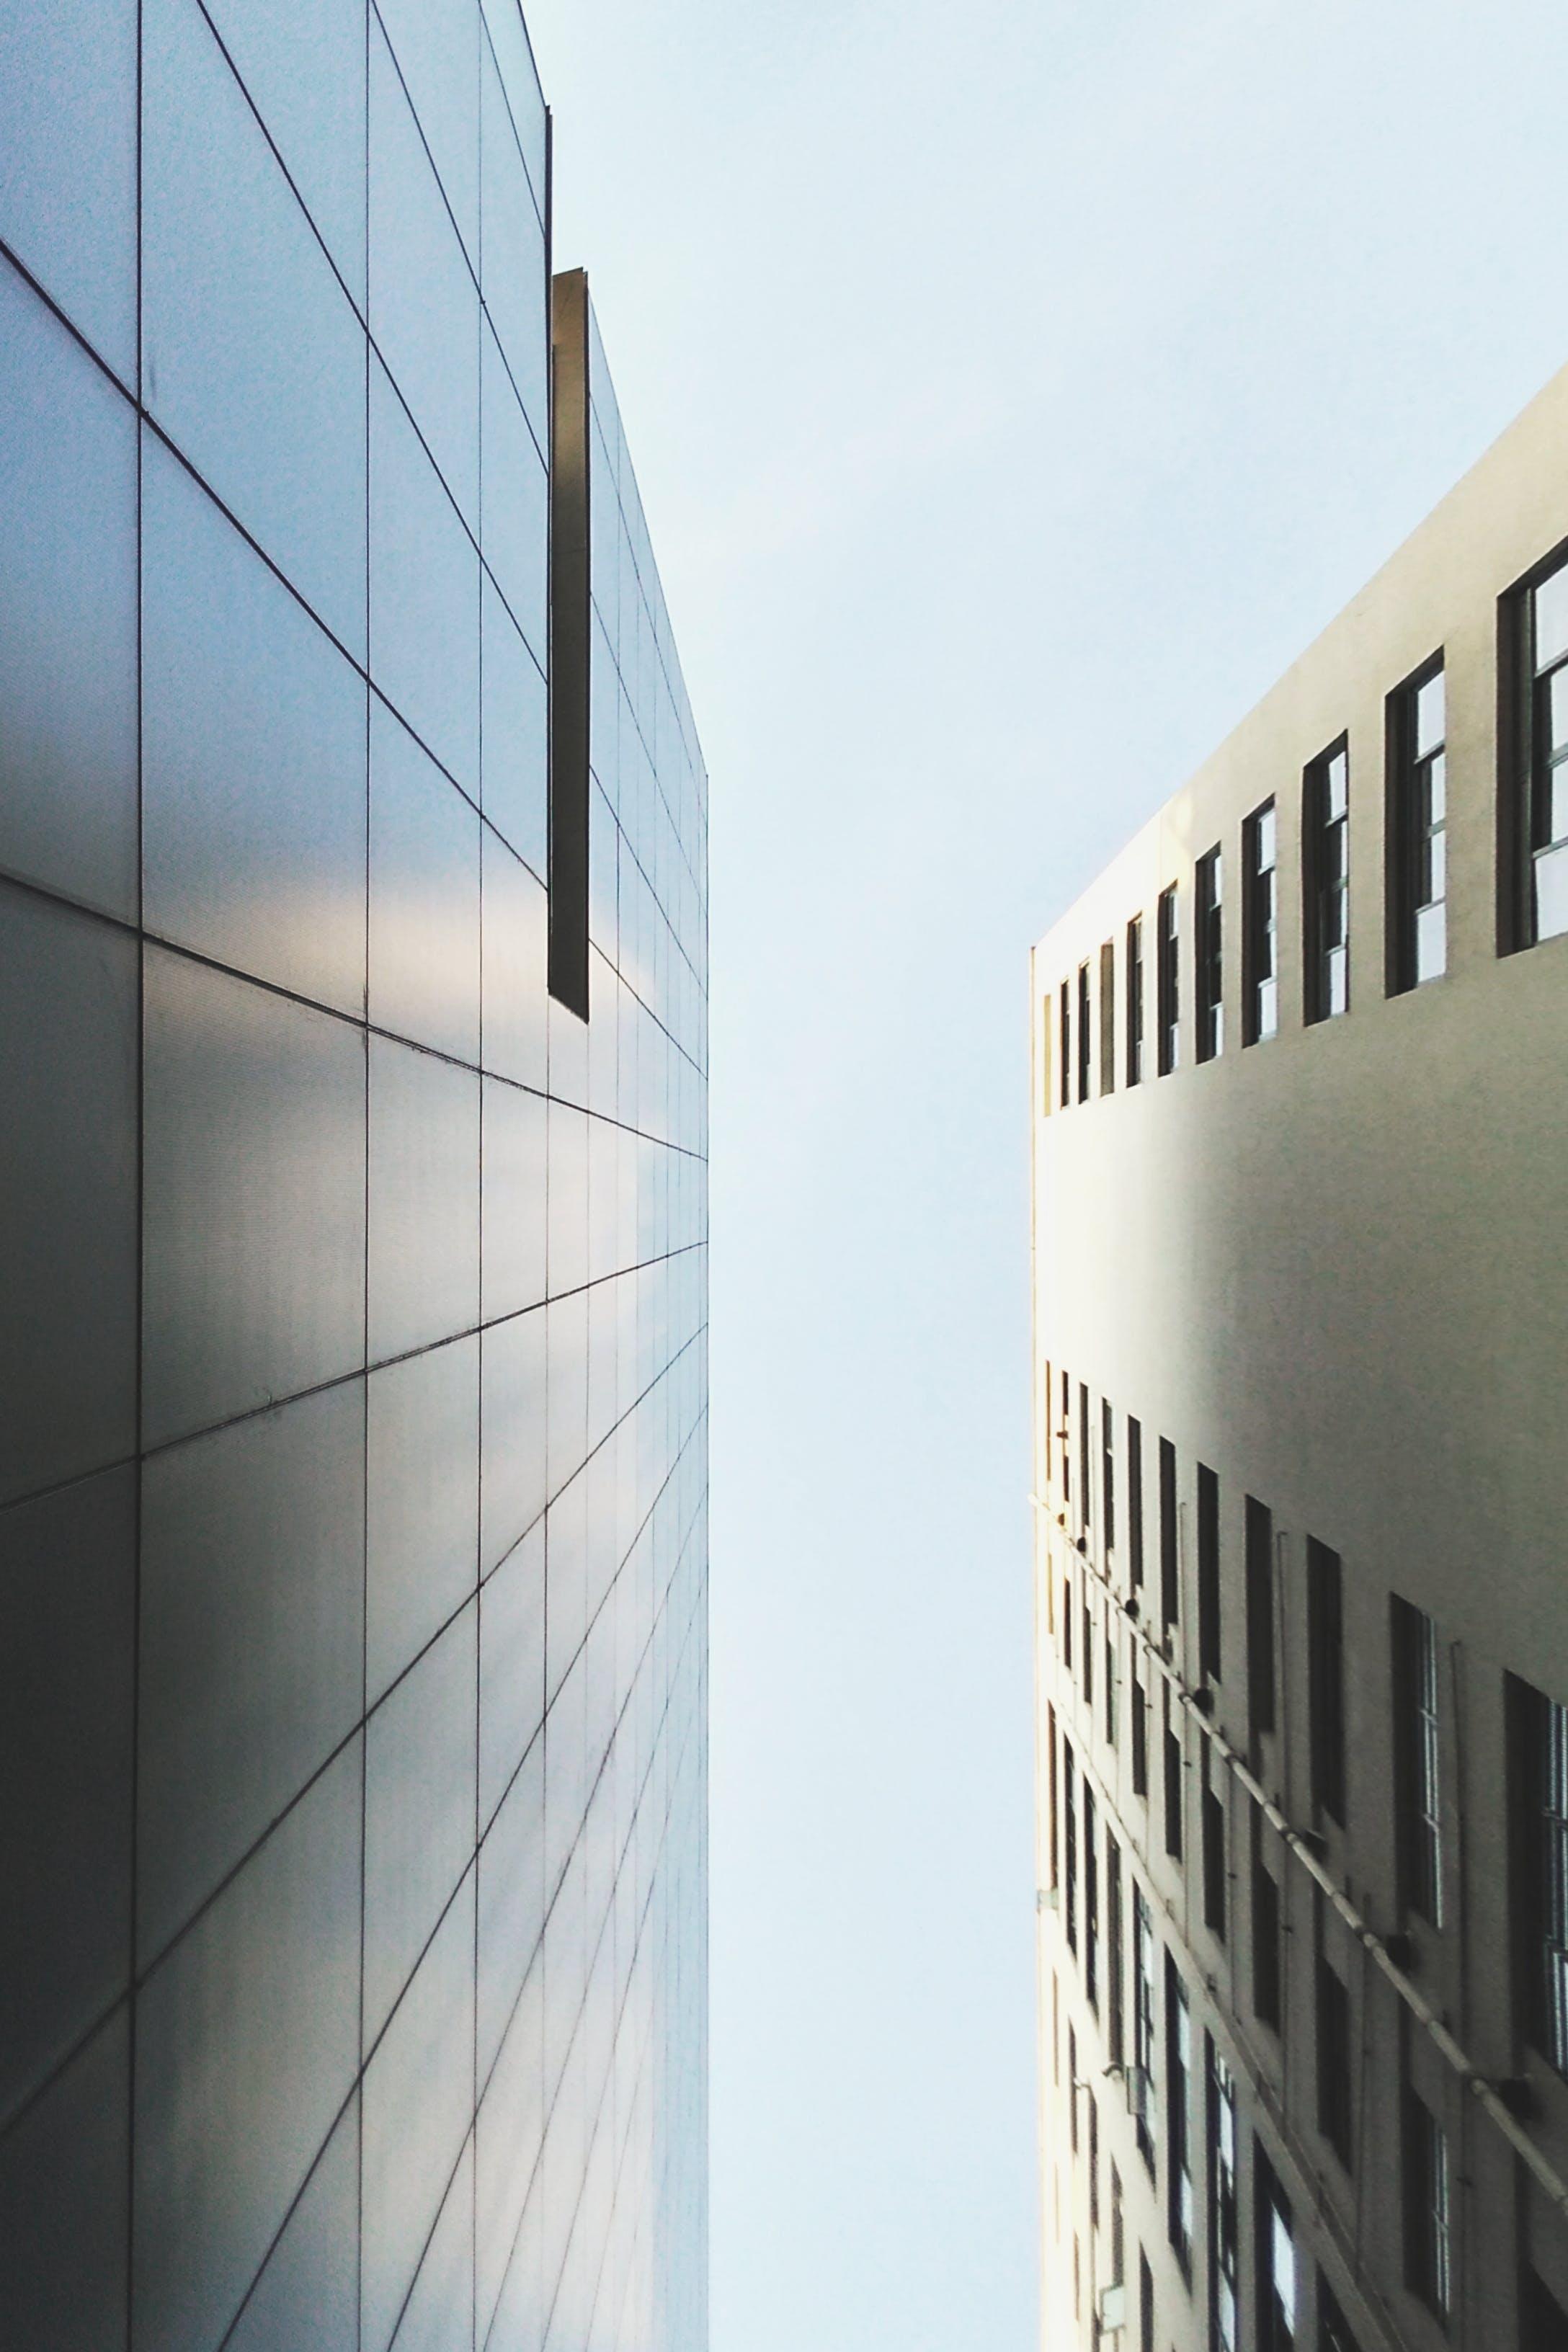 Ingyenes stockfotó ablakok, alacsony szögű felvétel, design, ég témában